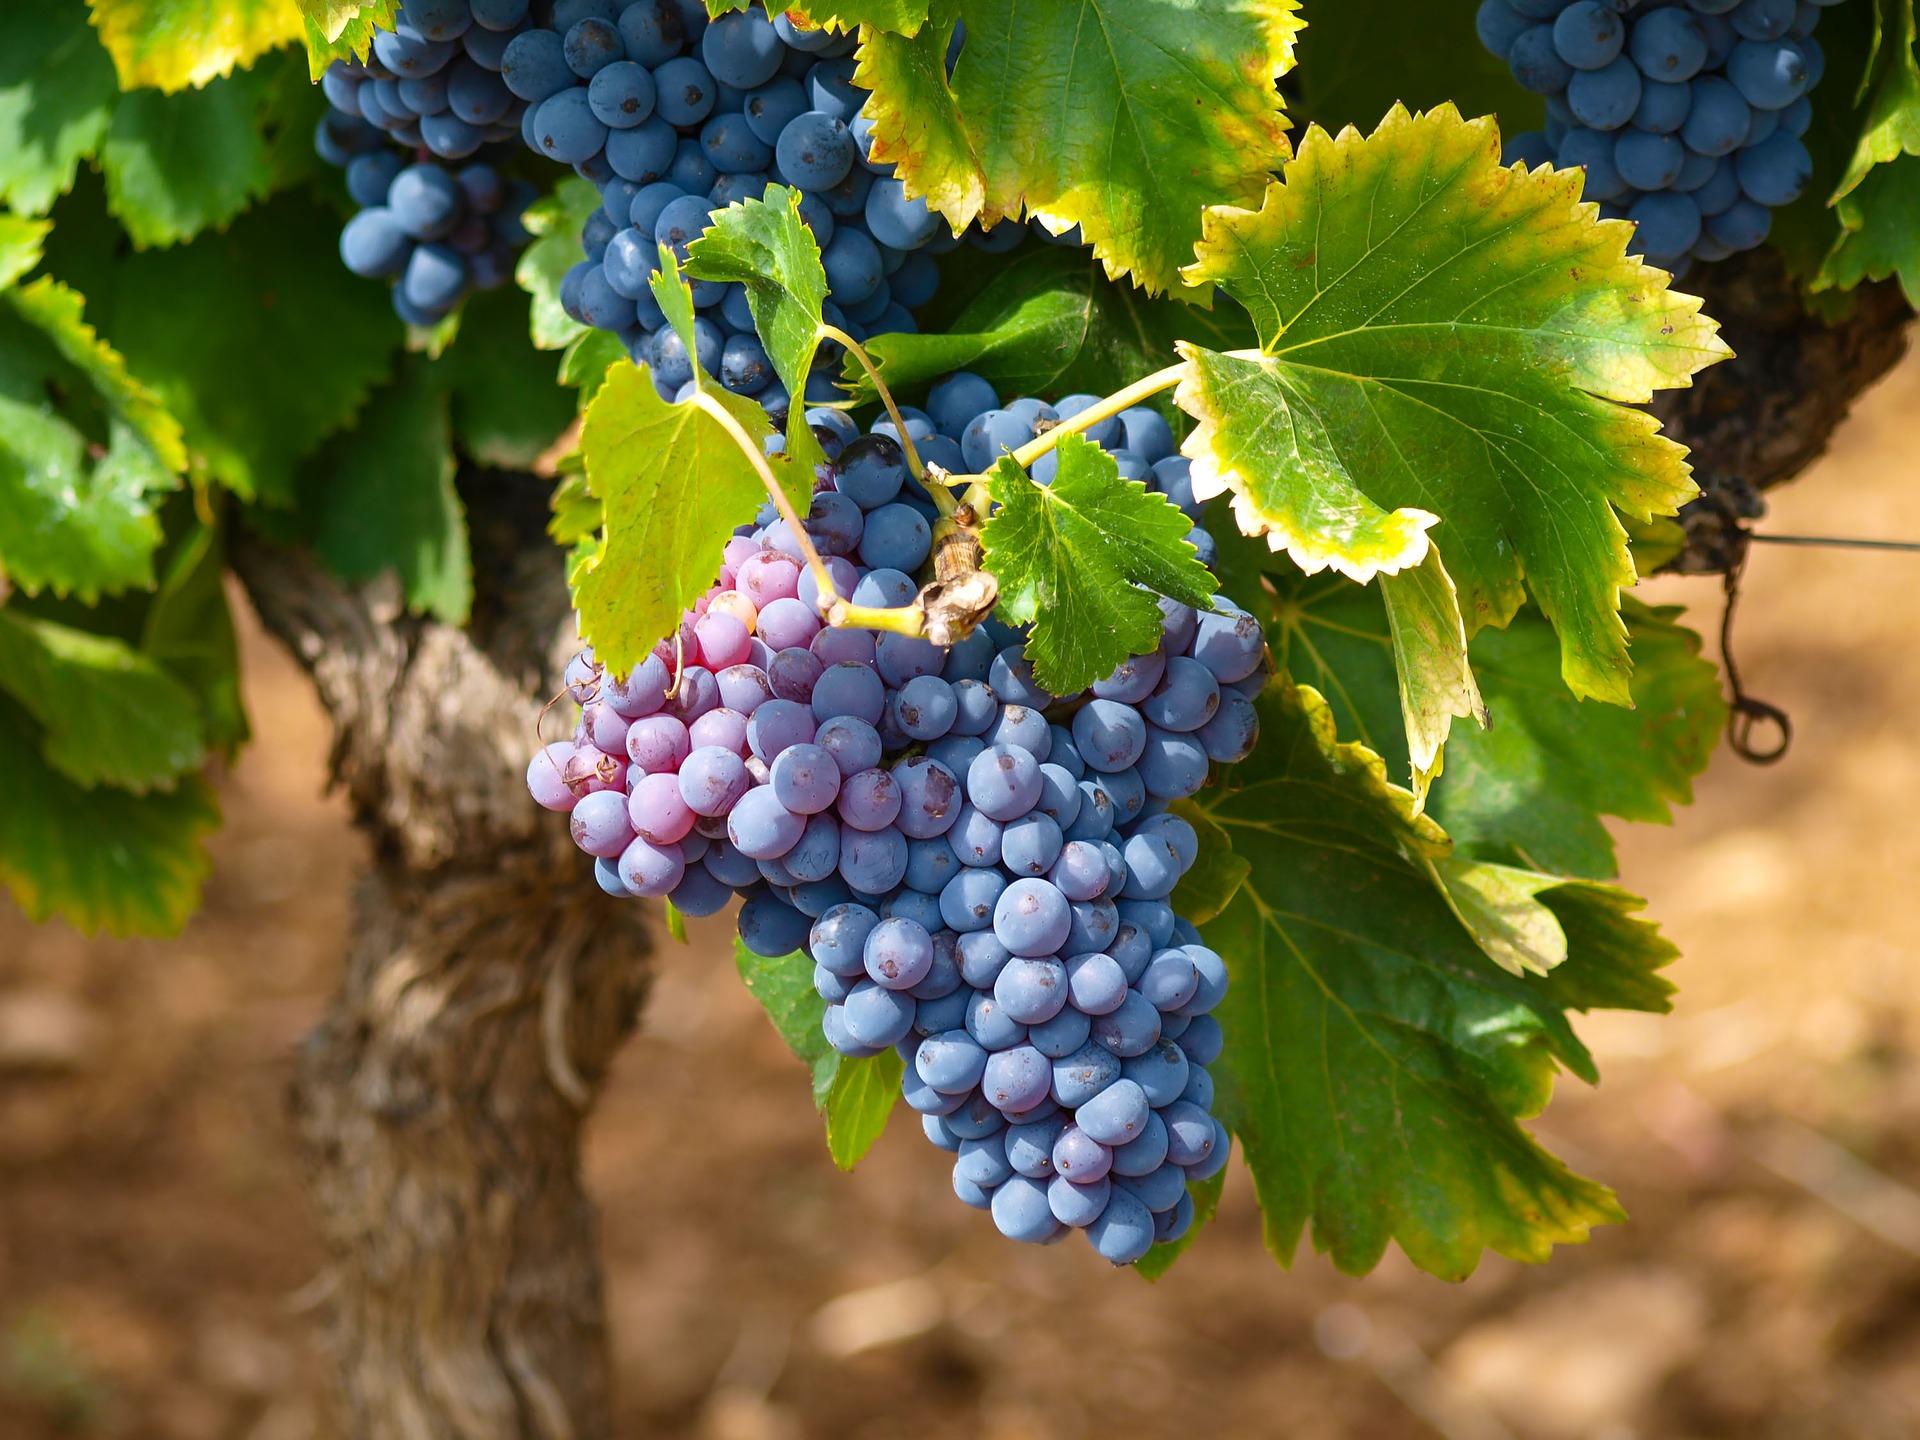 El enoturismo y catas de vino es un valor que está en alza. Enoturismo es muy recurrente para viaje de incentivo y las catas de vino como Team building.